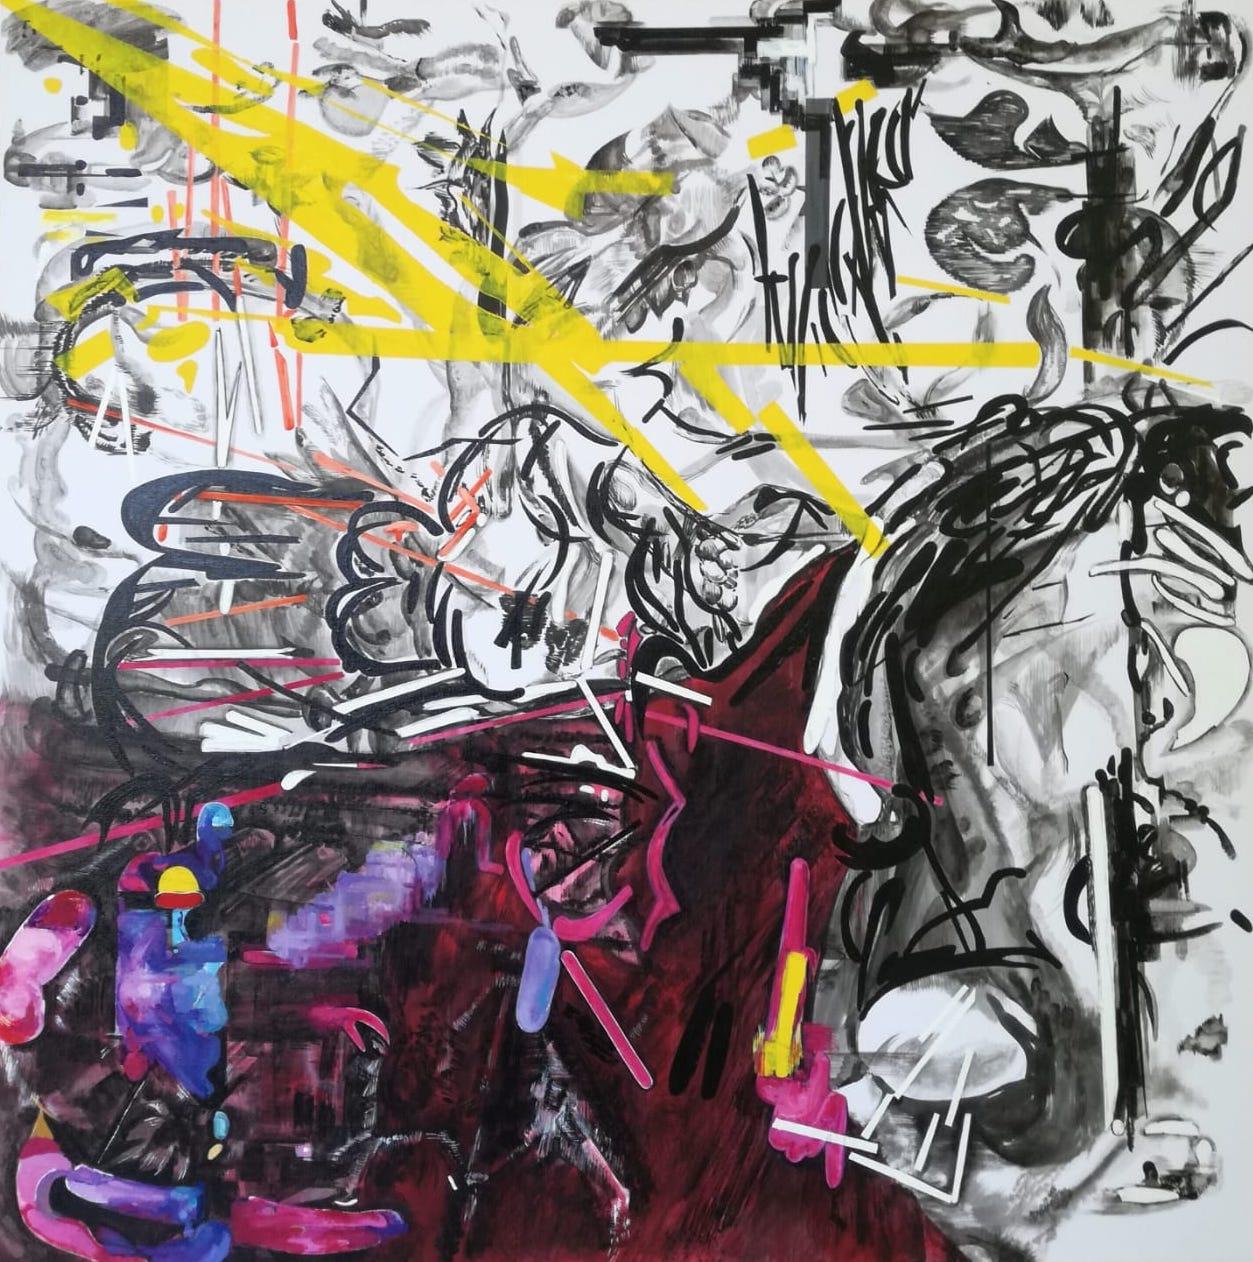 Vana Fertaki, Untitled, oil and varnish on canvas, 100 x 100 cm, 2021